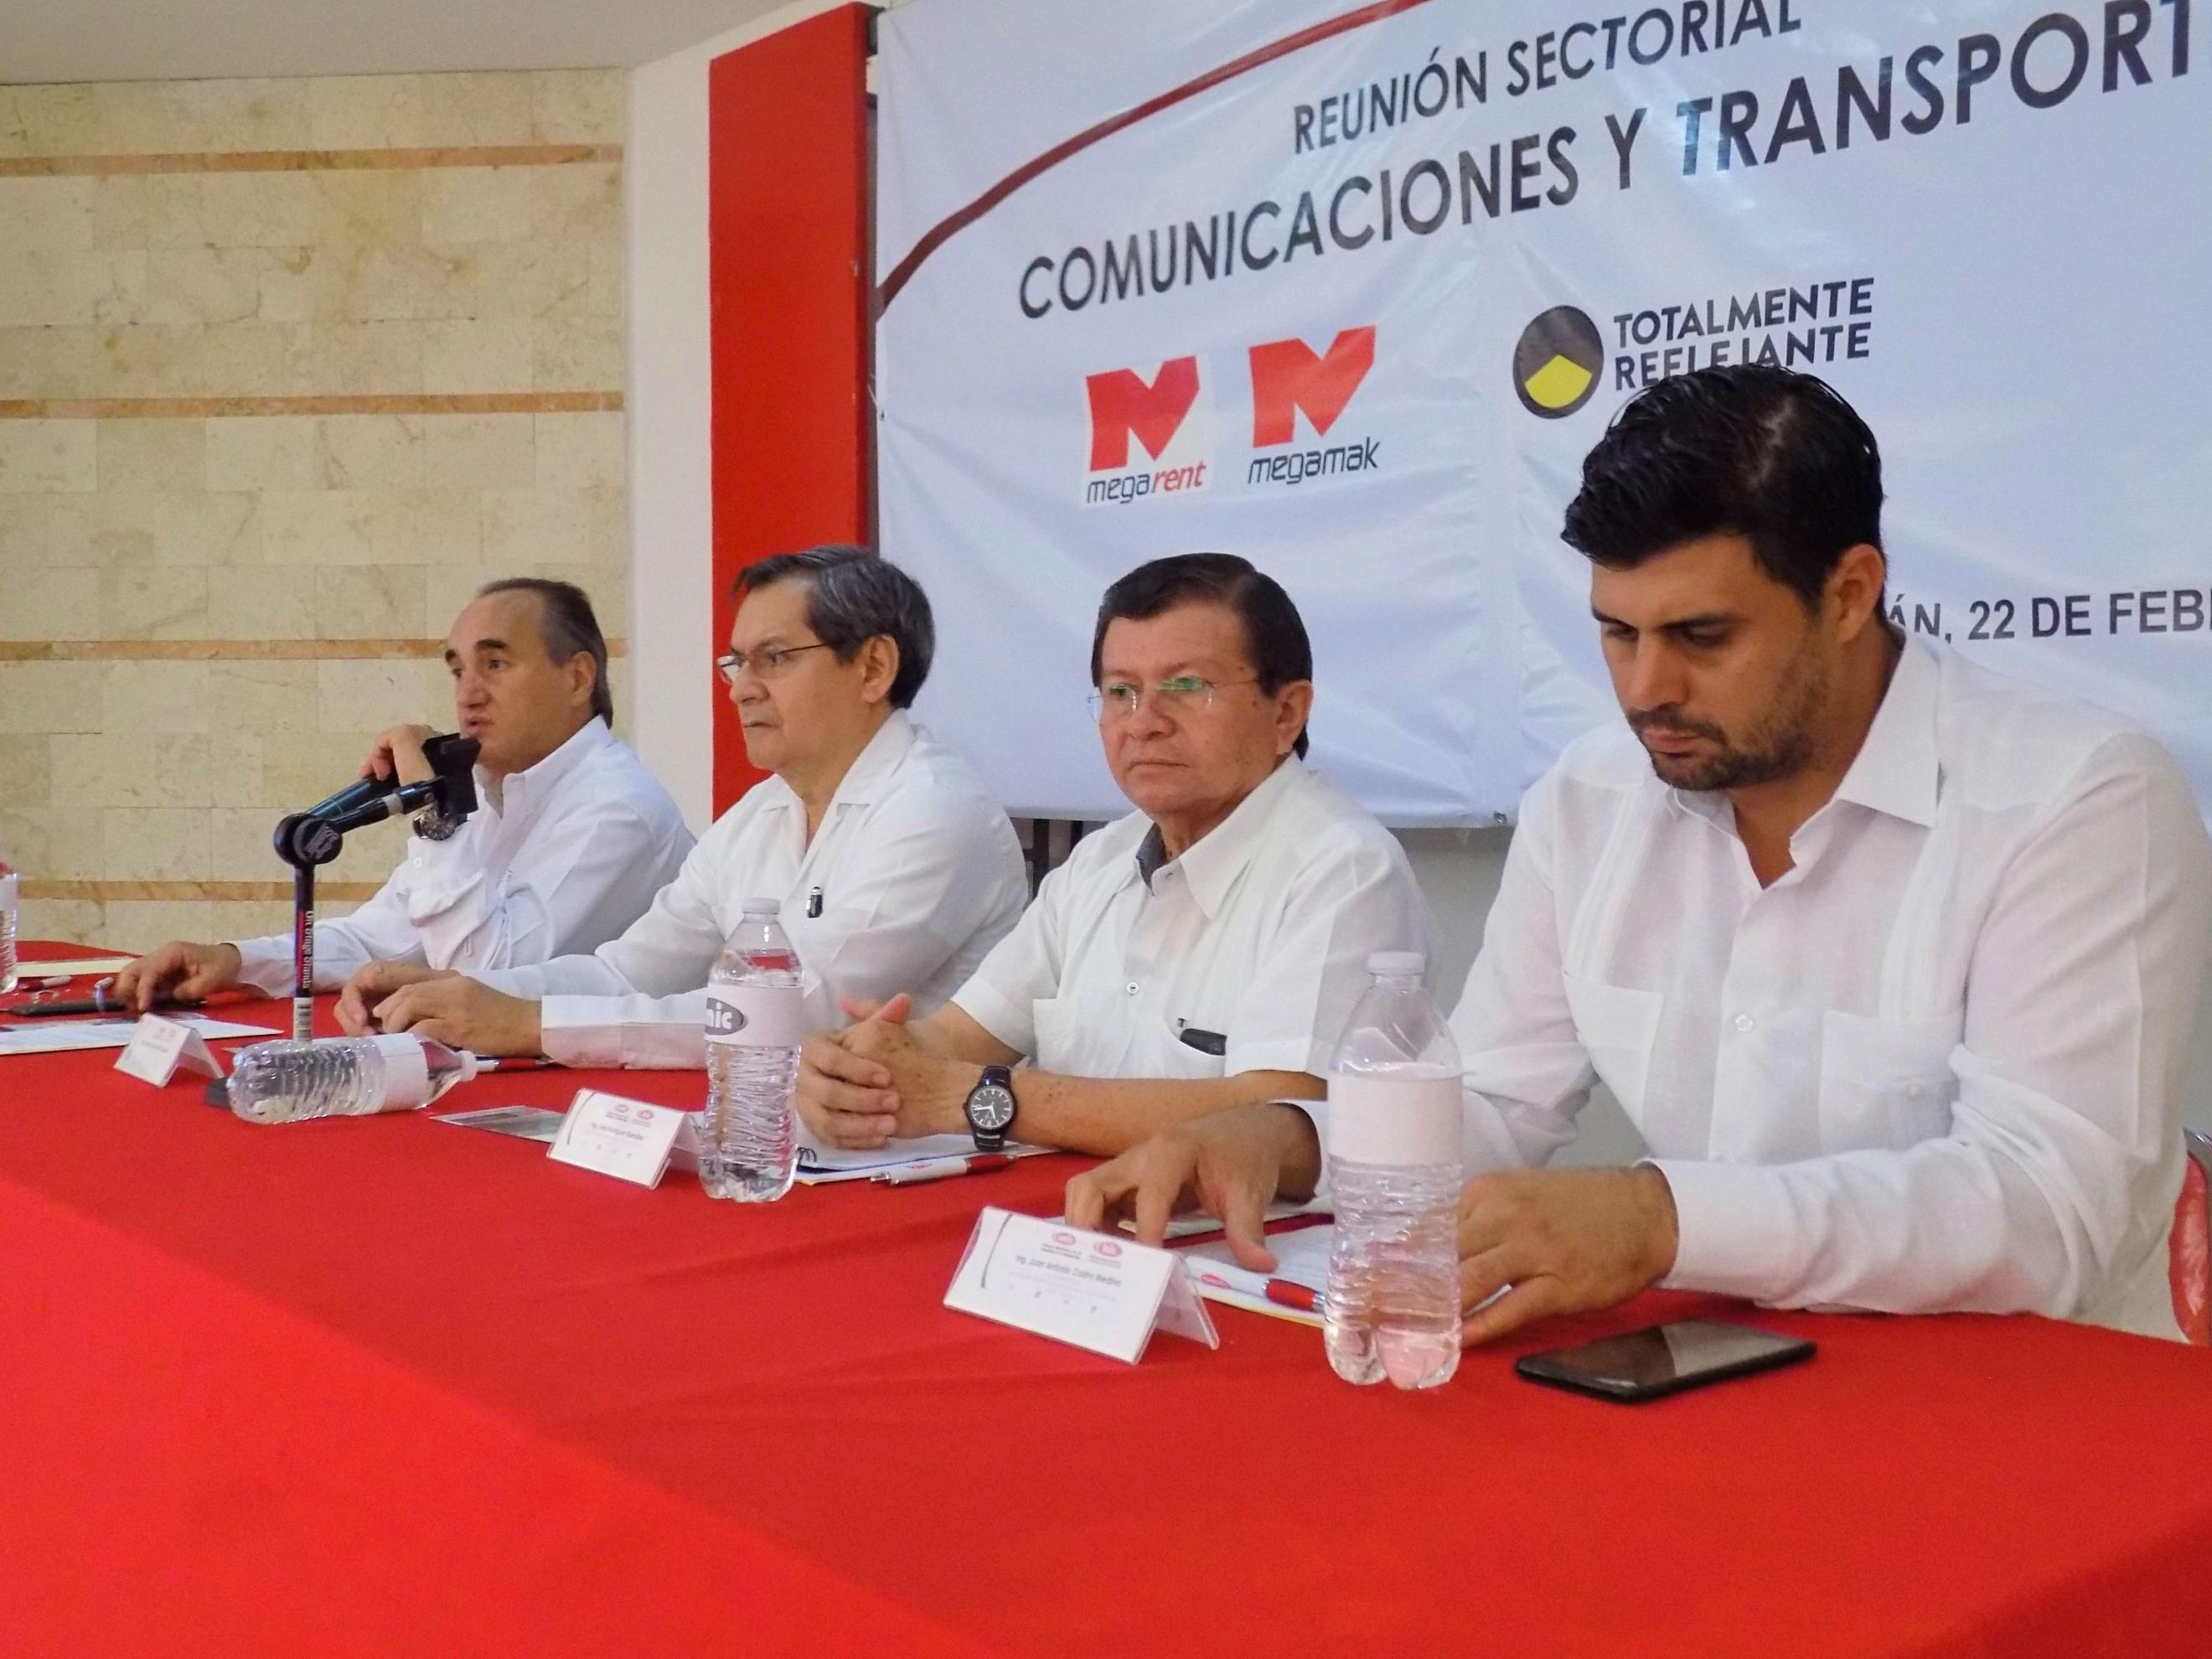 Reunion sectorial comunicaciones y transportes